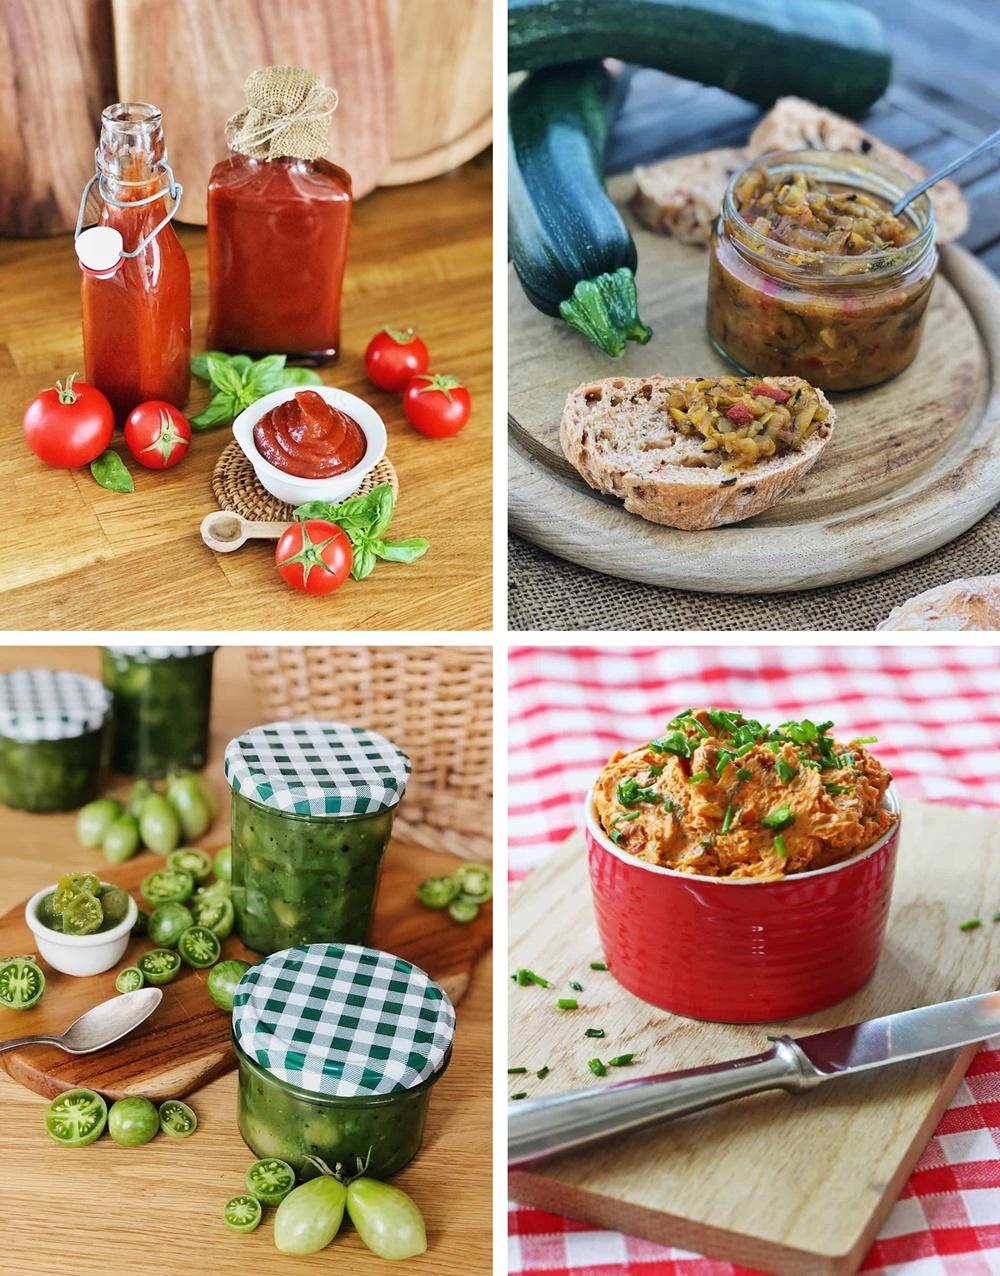 Die besten Brote, Salate, Snacks & Drinks für die Grillsaison kräuterbutter chutney ketchup tomatenmarmelade